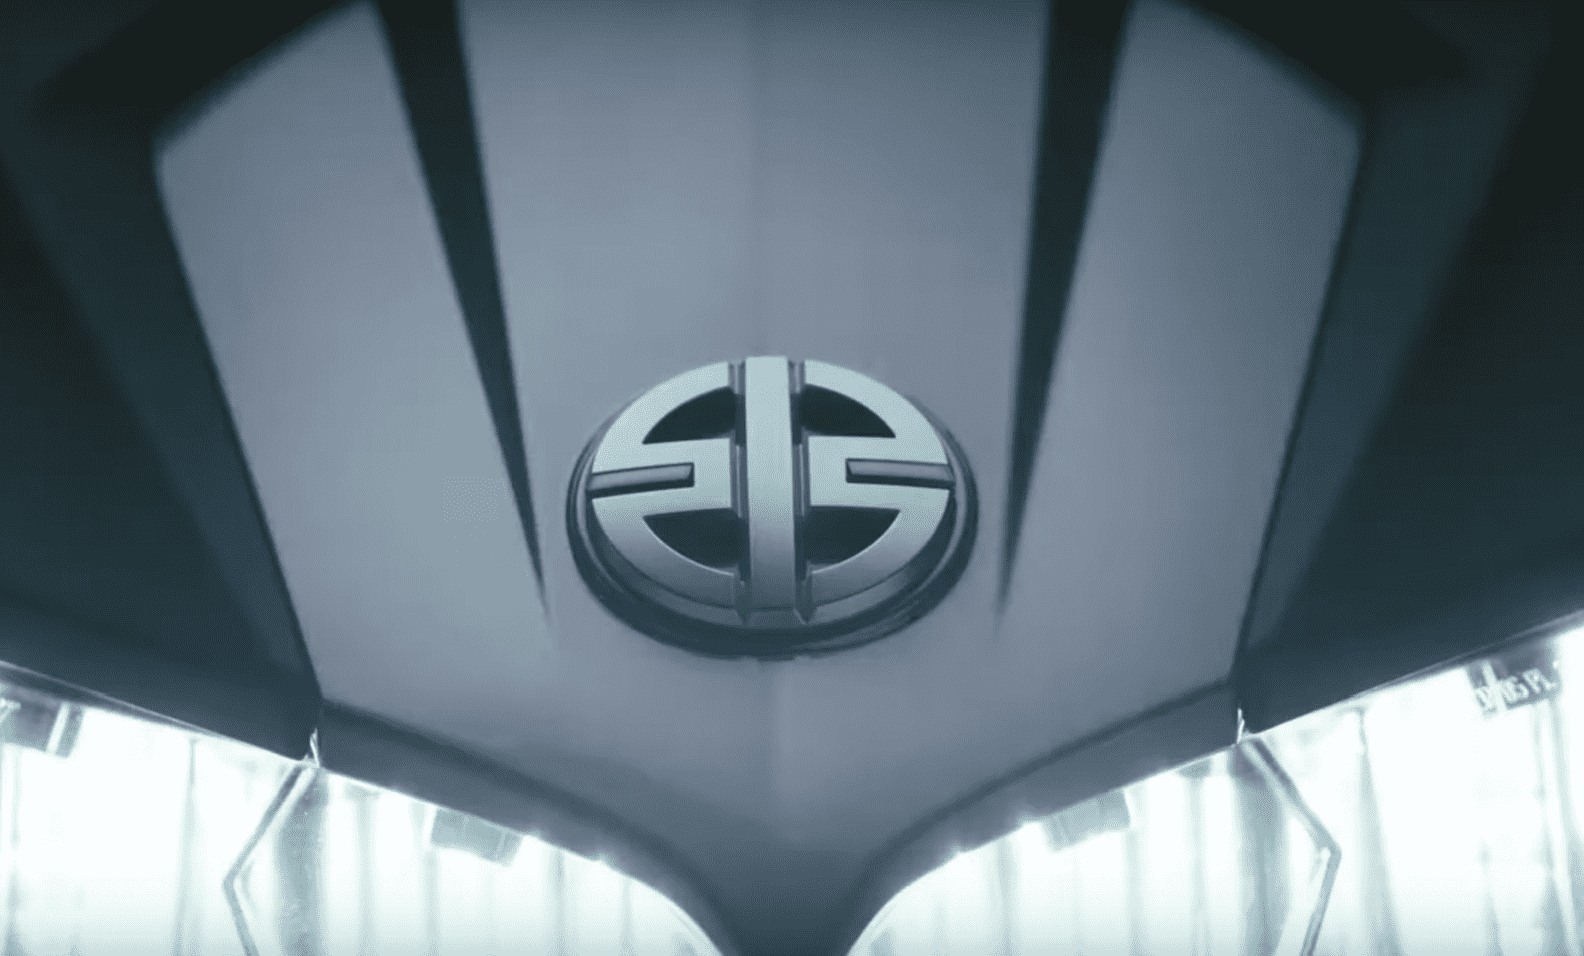 カワサキ 10月23日に東京モーターショーでスーパーチャージャー搭載 究極の「Z」を発表